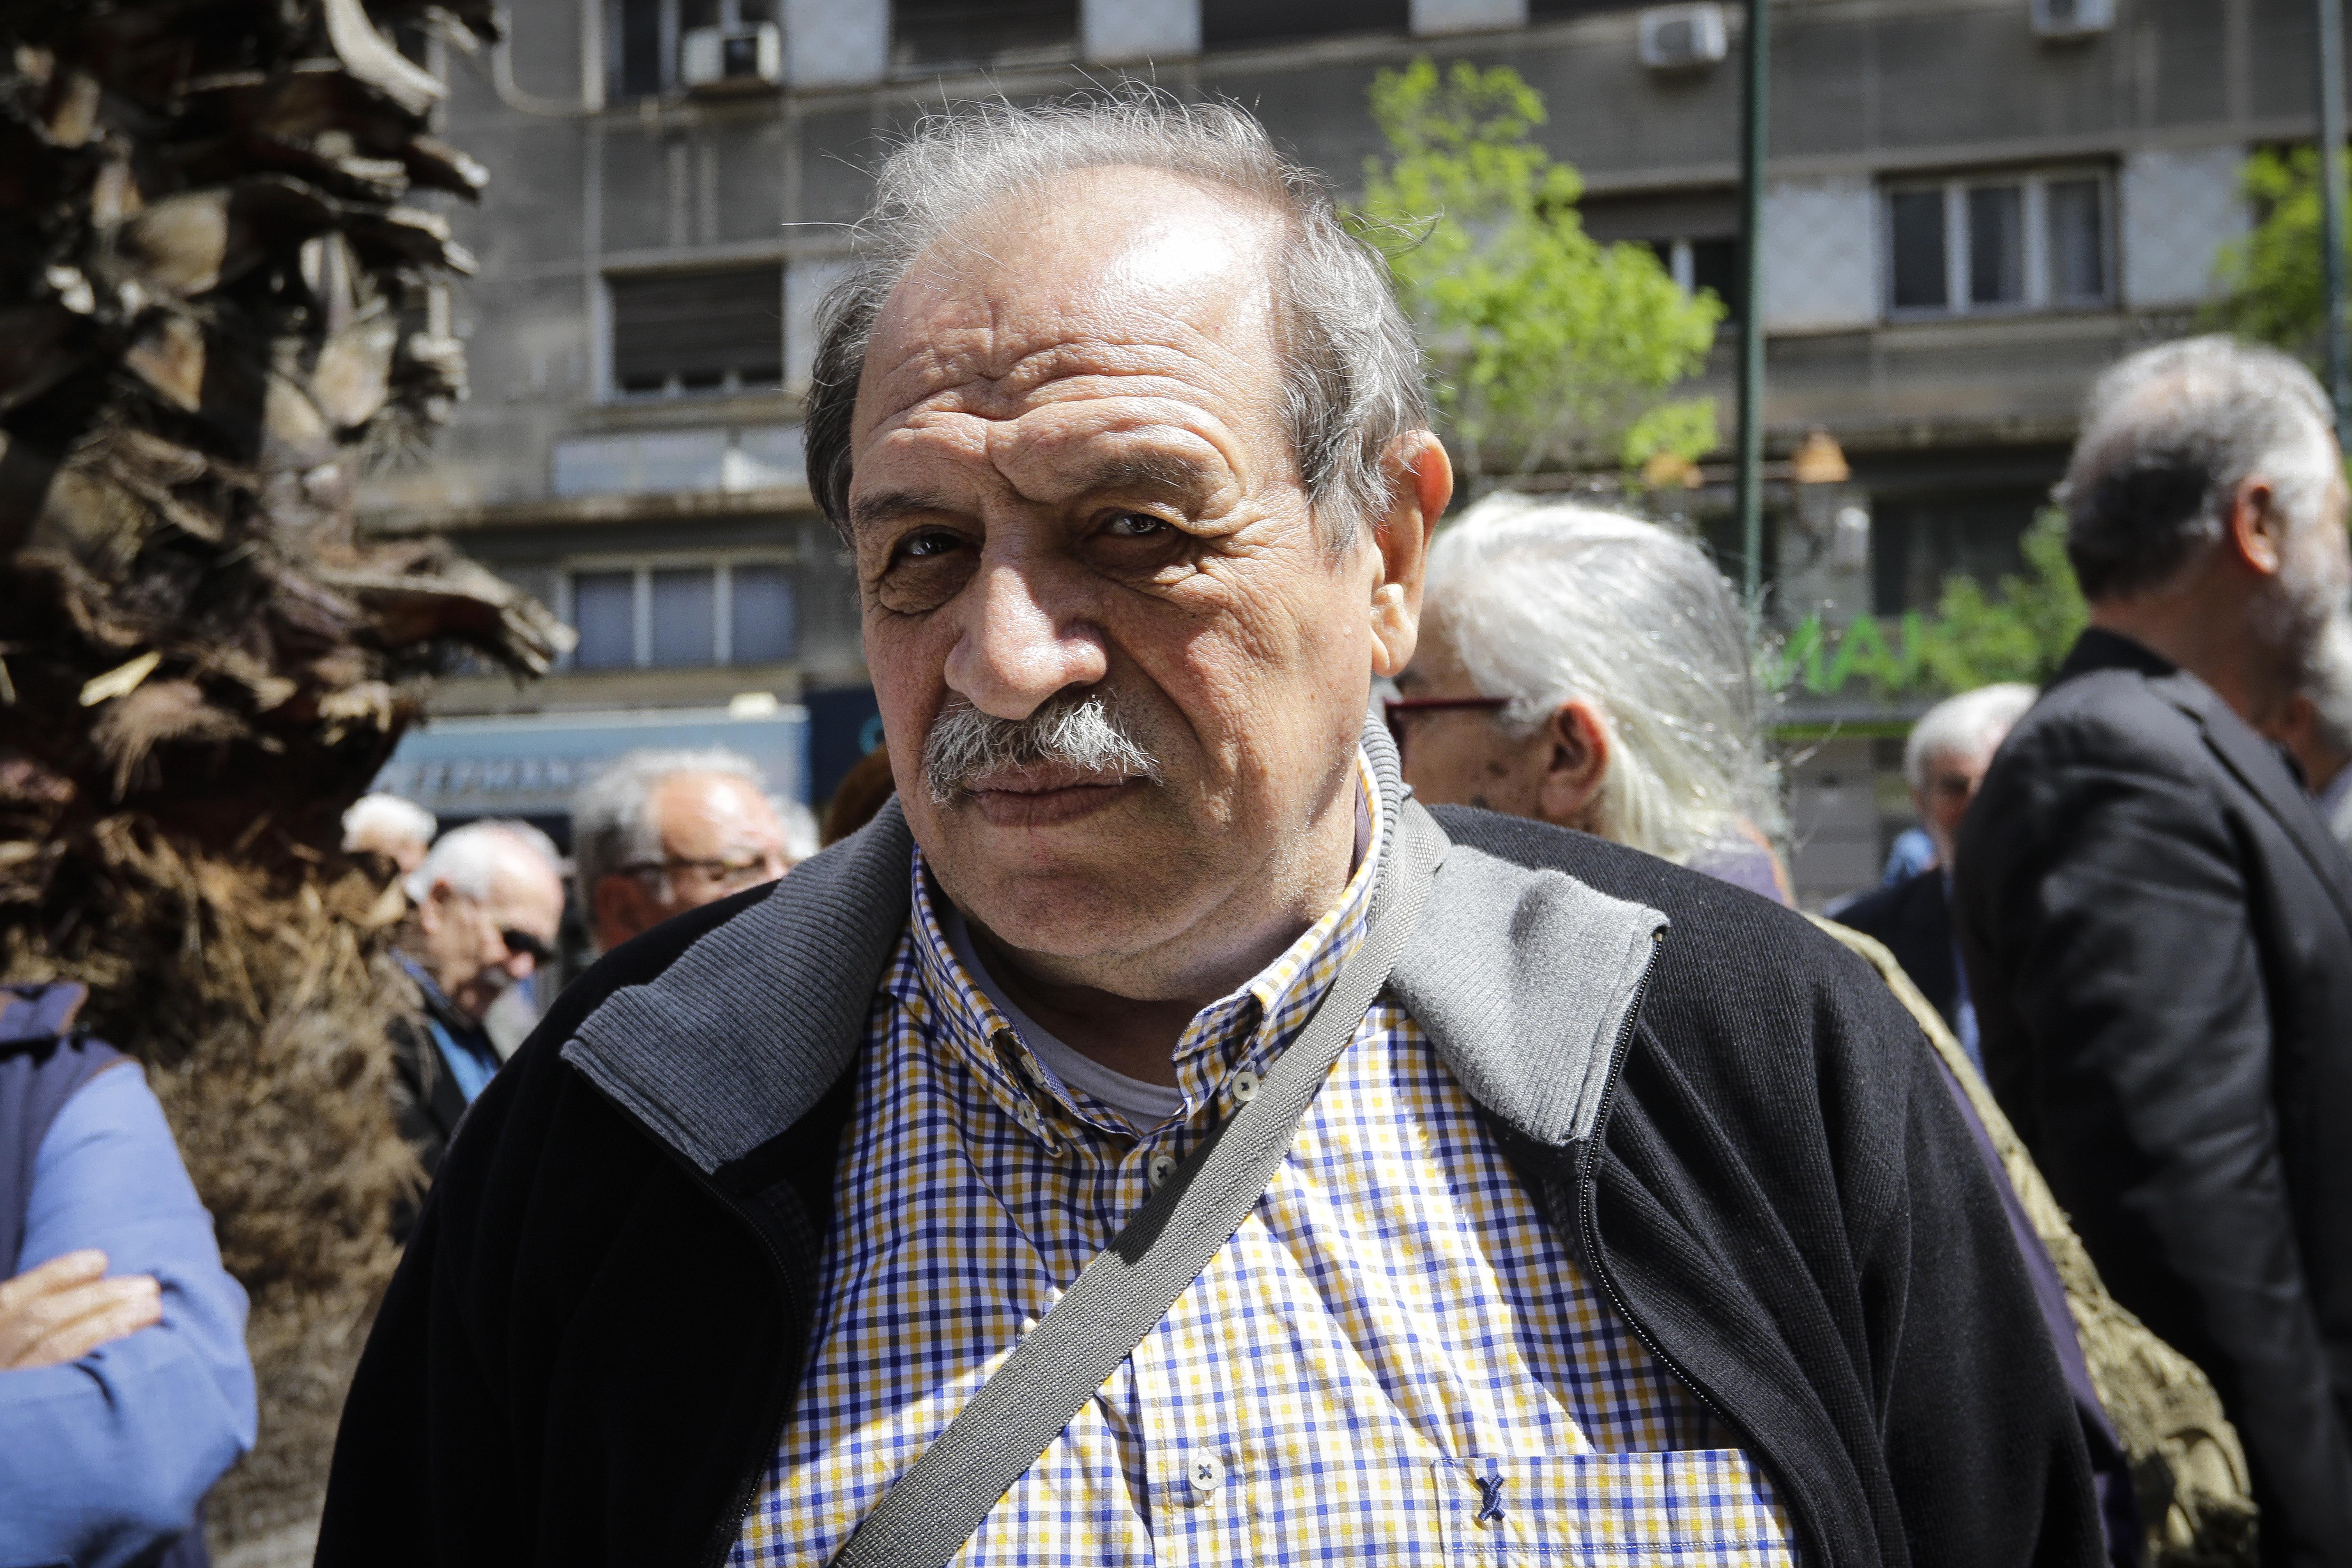 Διέρρηξαν το σπίτι του Στέλιου Παππά -«Στοχευμένη παρέμβαση» καταγγέλλει ο πρόεδρος του